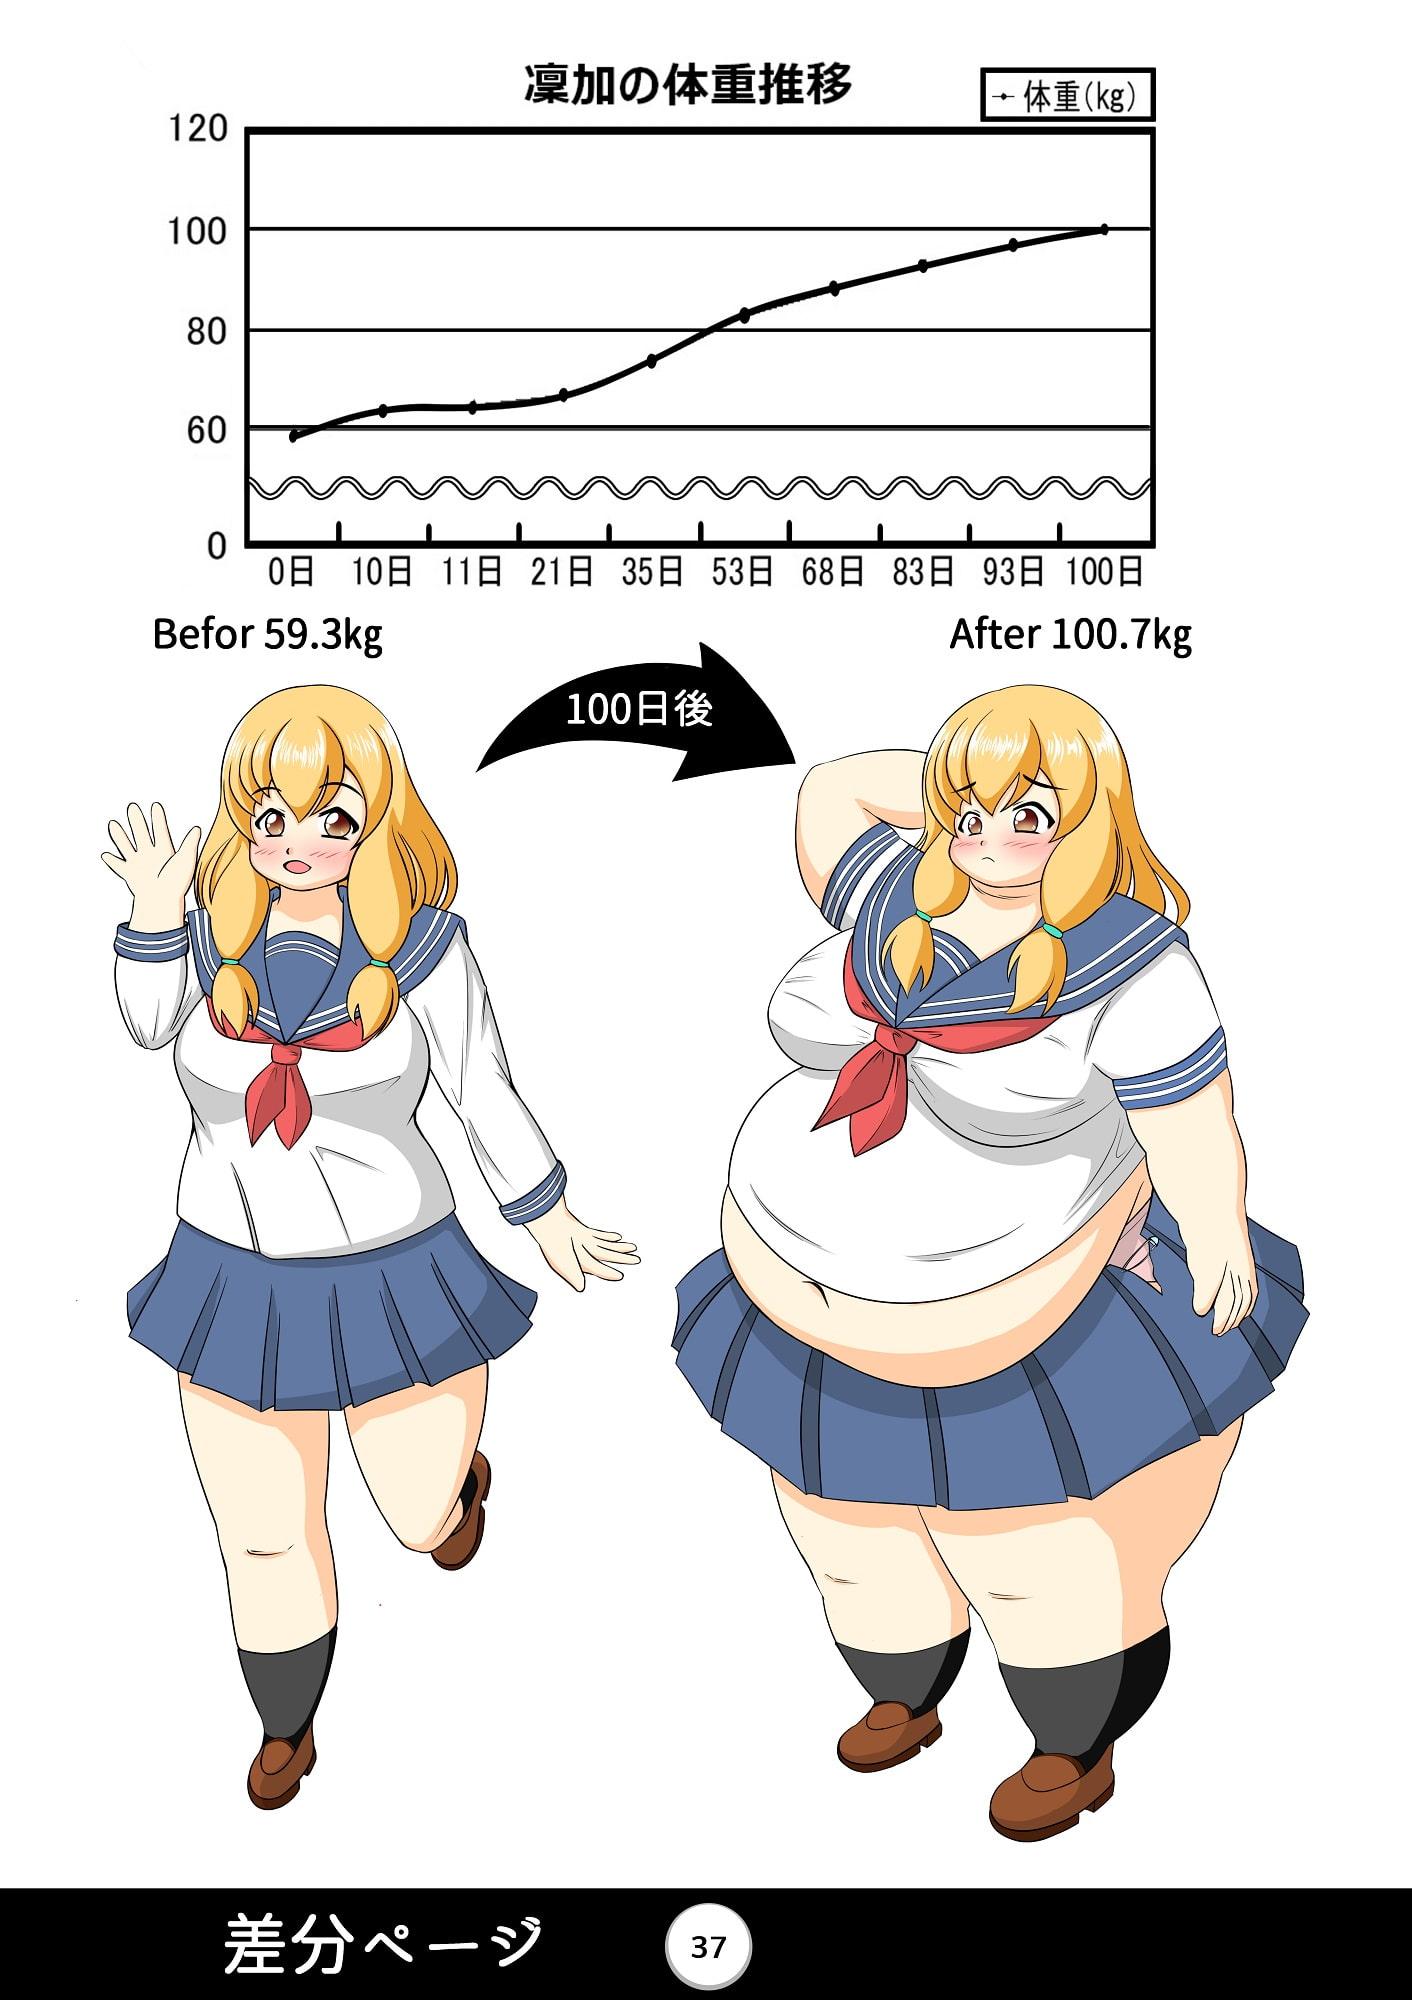 100日後、100kgになる妹